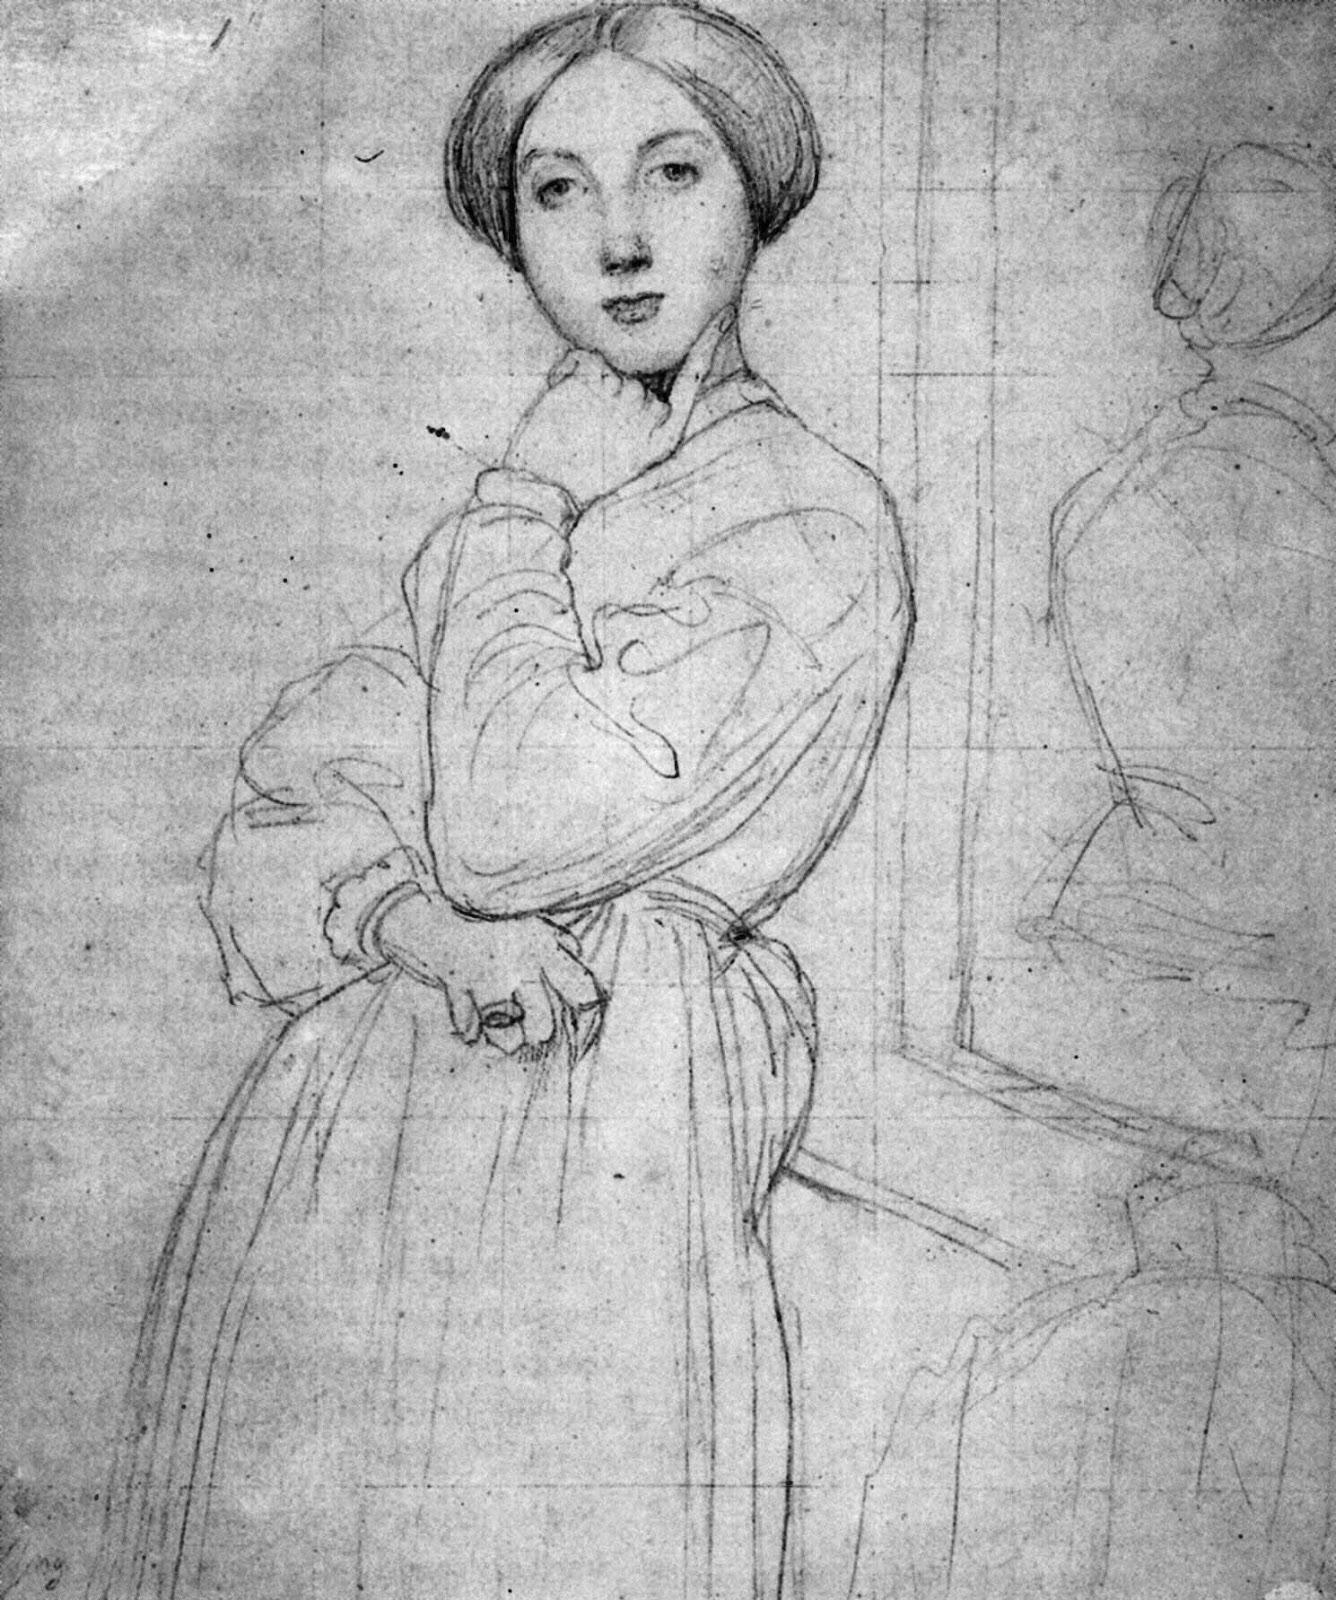 ドミニク・アングルのドーソンヴィル伯爵夫人の肖像の全体のデッサン